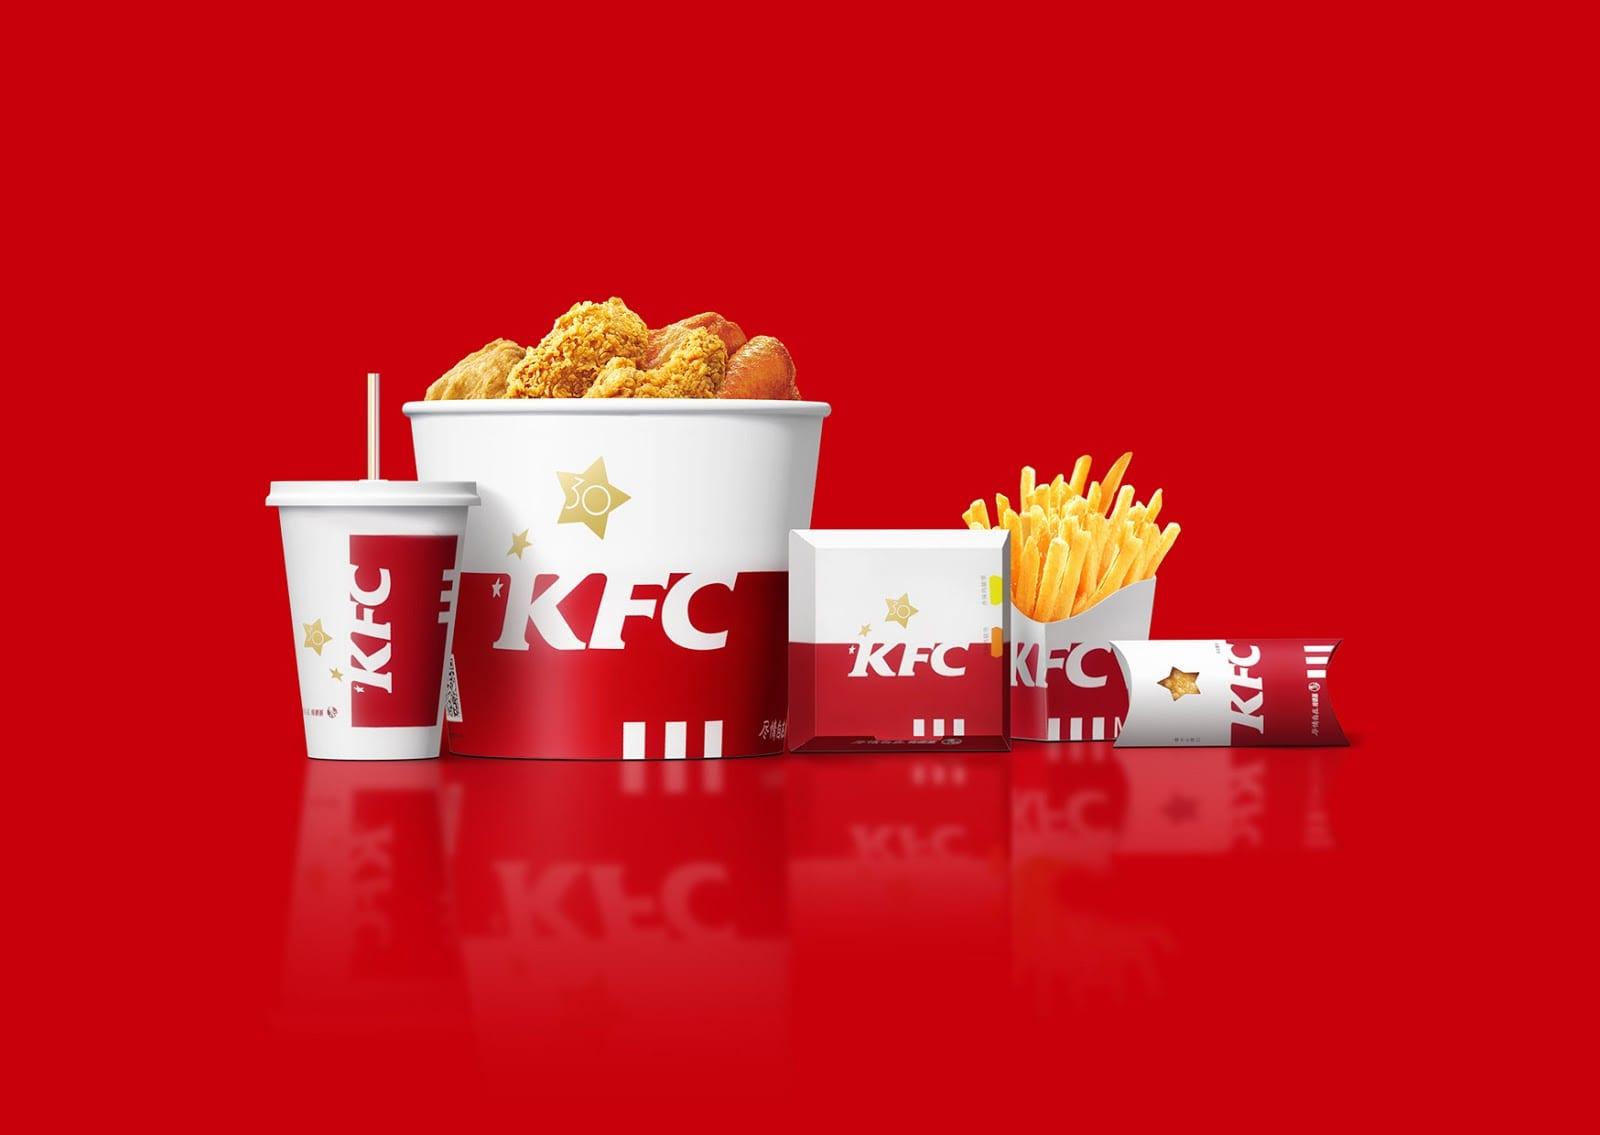 KFC China 30 years Rebrand 01 - Ach, tie obaly – čínský rebrand KFC